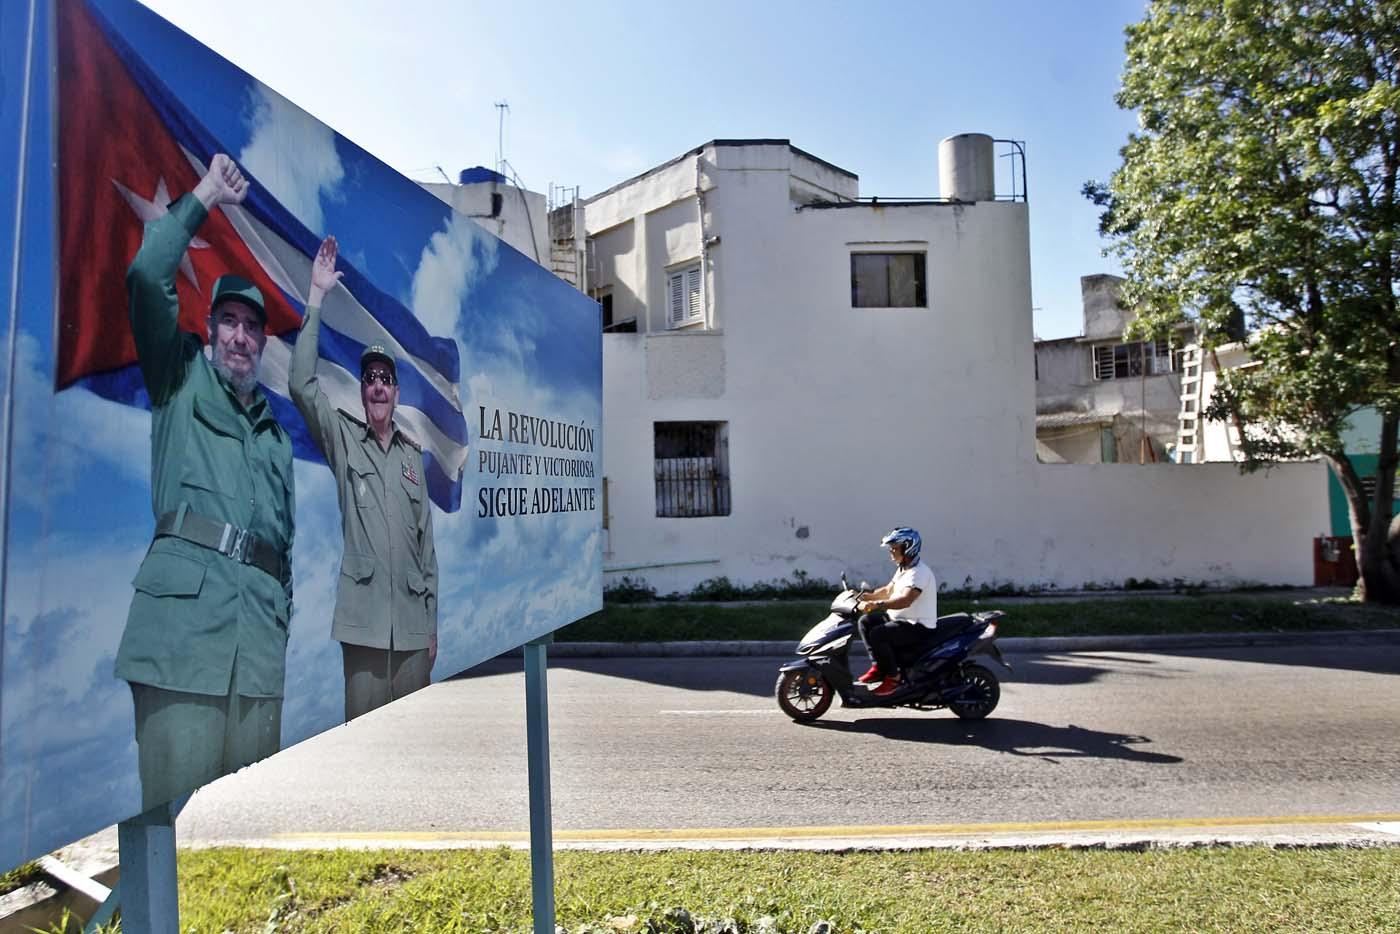 """HAB105. LA HABANA (CUBA), 13/08/2017.- Un hombre en moto pasa junto a un cartel con la imagen del líder de la revolución cubana Fidel Castro, en el día de su 91 cumpleaños, hoy, domingo 13 de agosto del 2017, en La Habana (Cuba). Cuba recuerda hoy el 91 aniversario del natalicio del líder de la revolución, Fidel Castro, el primero tras su fallecimiento hace nueve meses, que se celebra este domingo con múltiples actos y una amplia cobertura en los medios estatales de la isla que resaltan el legado del """"invicto y eterno Comandante"""". EFE/Ernesto Mastrascusa"""